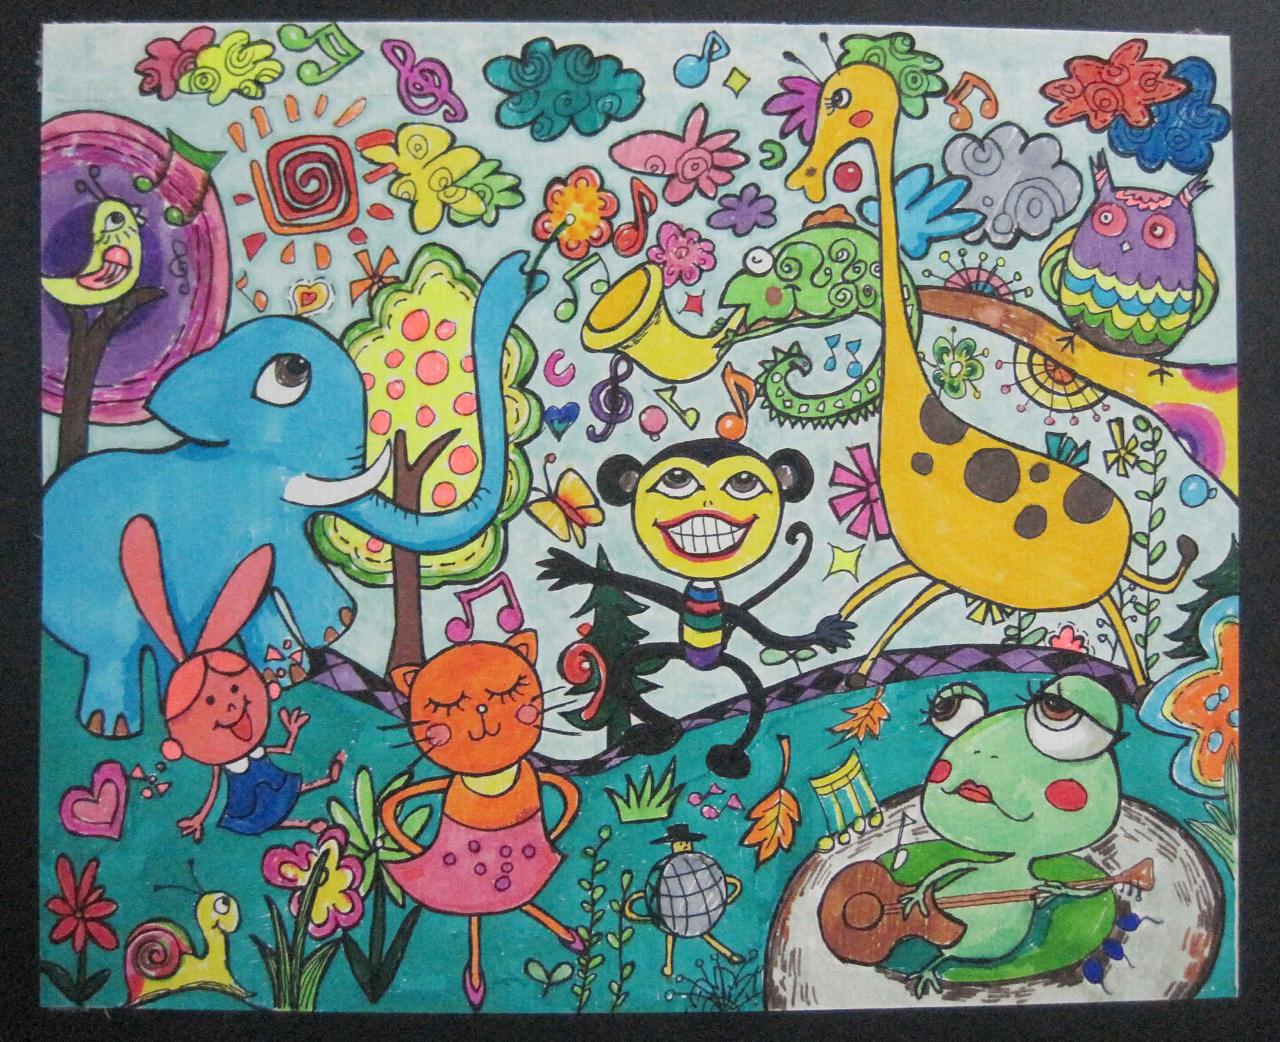 手绘涂鸦稿